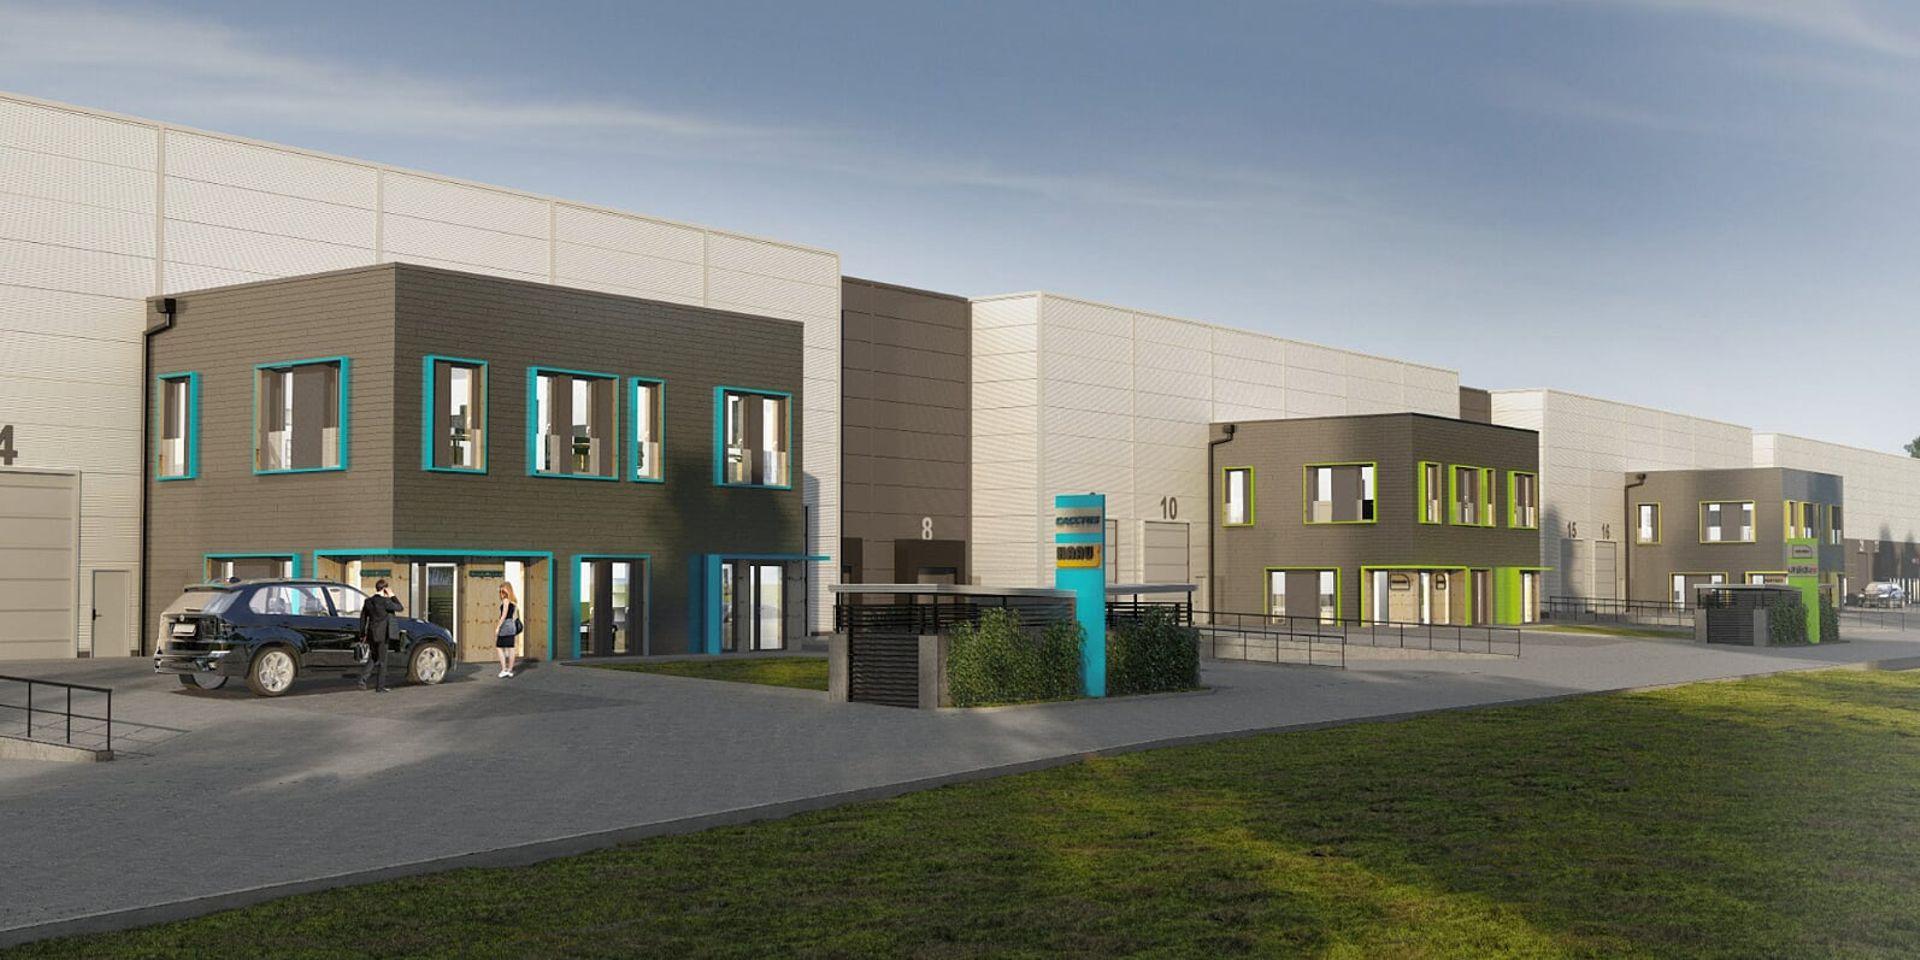 [Wrocław] Citylink rozpoczyna budowę magazynów Small Buissnes Units we Wrocławiu